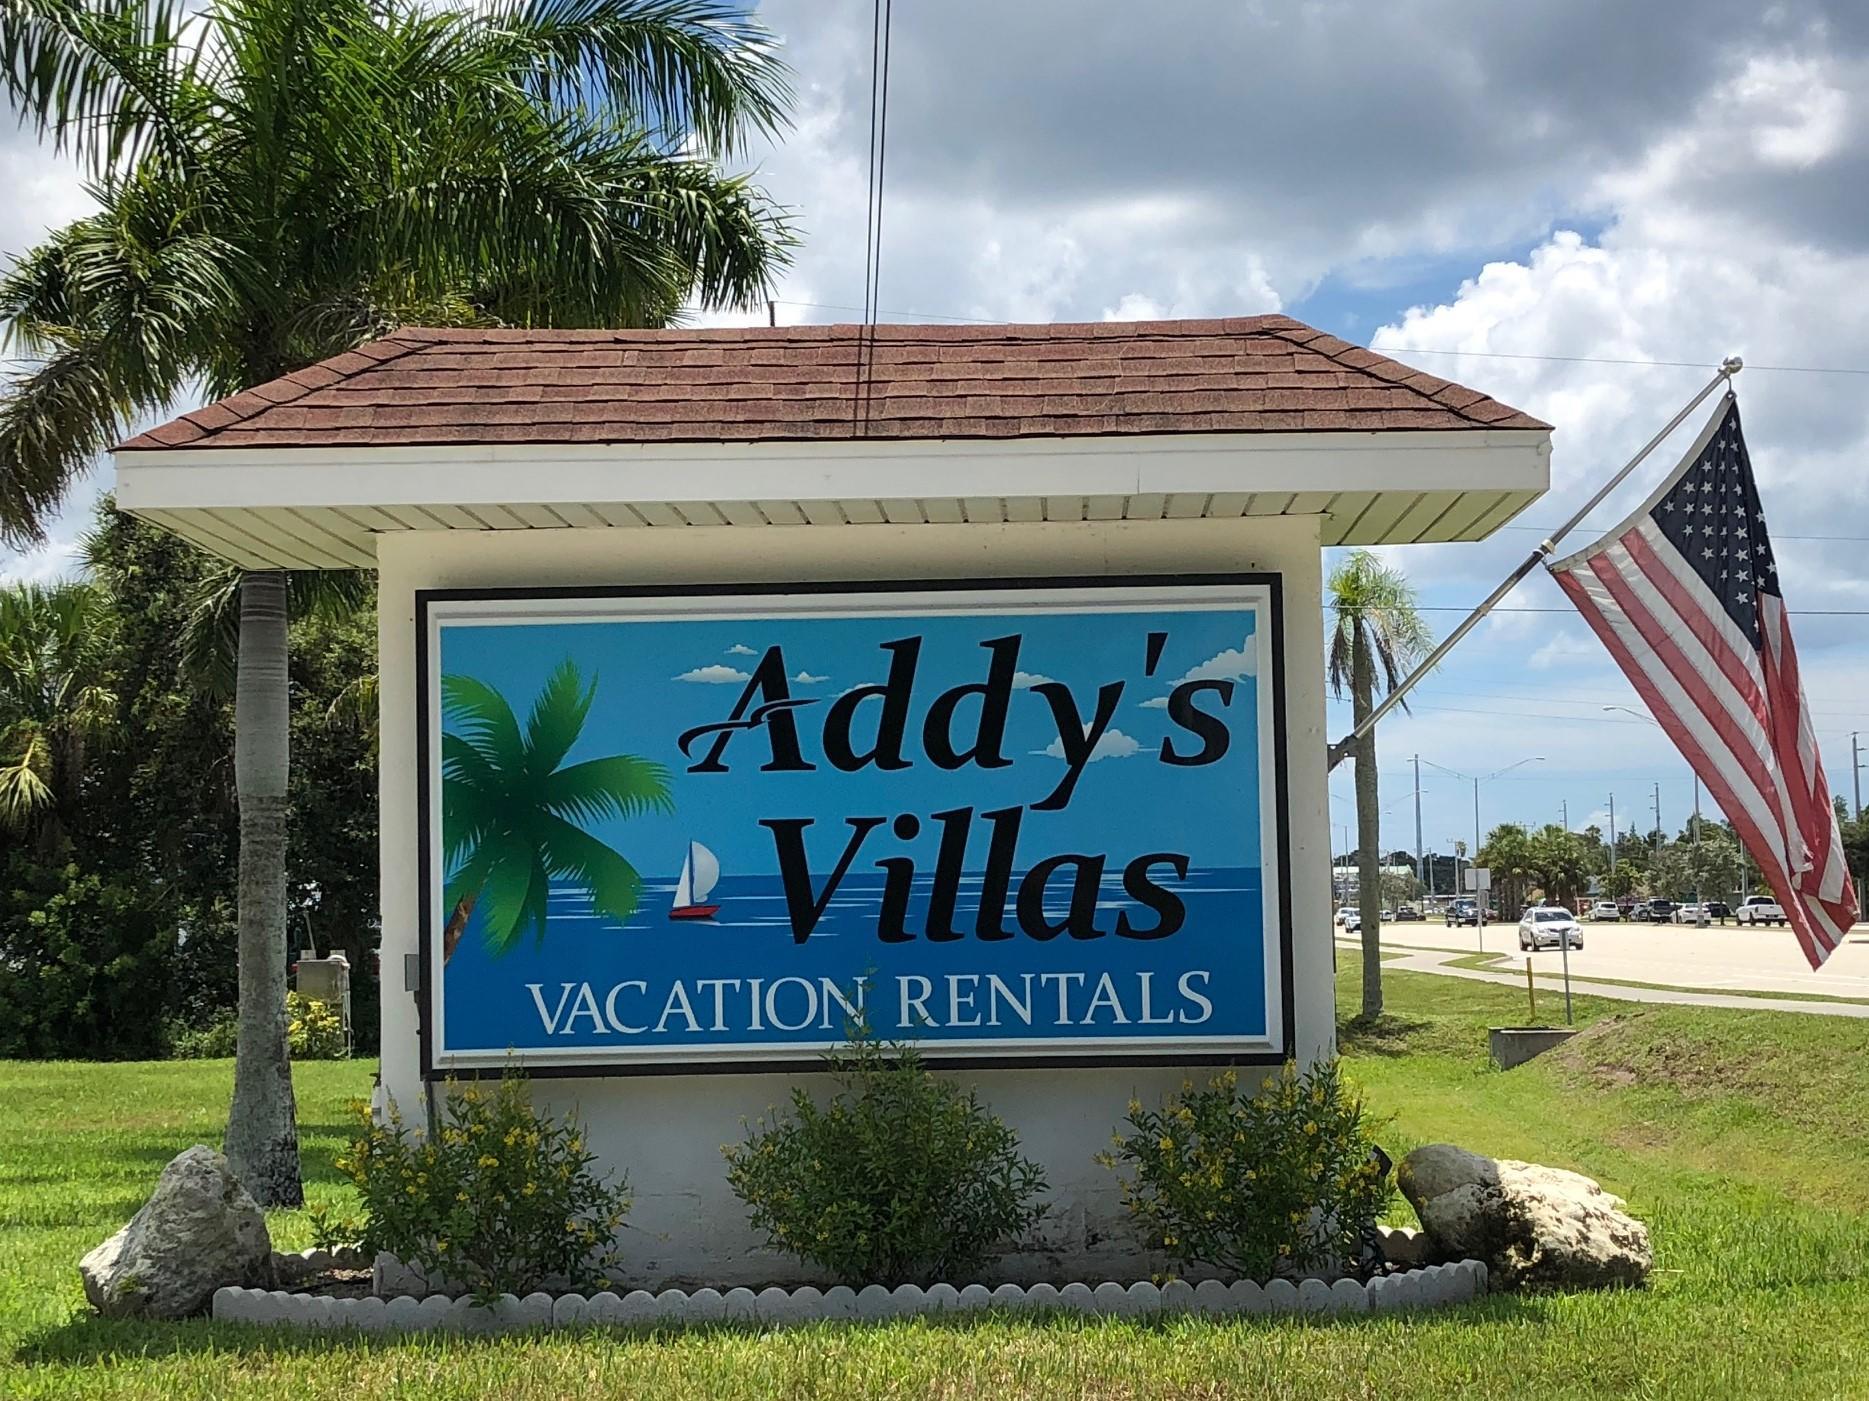 Addys Villas Vacation Rentals   Motel image 2